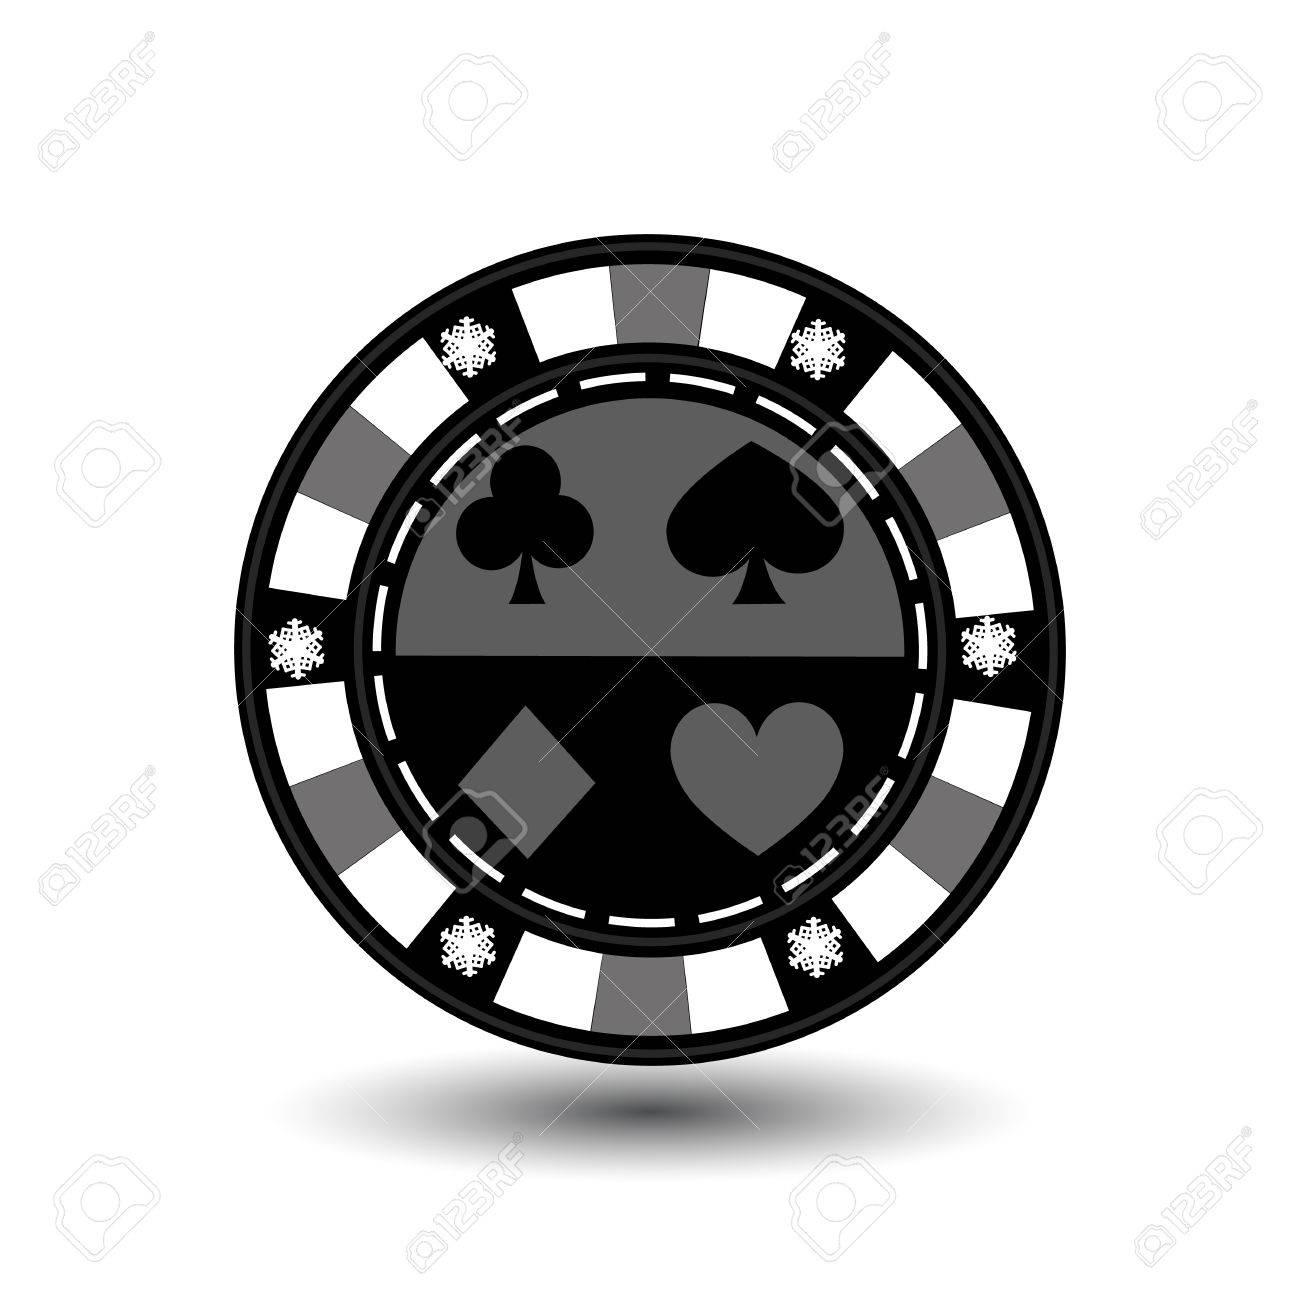 Chip Poker Casino Weihnachten Neues Jahr. Ikonenvektorillustration ...